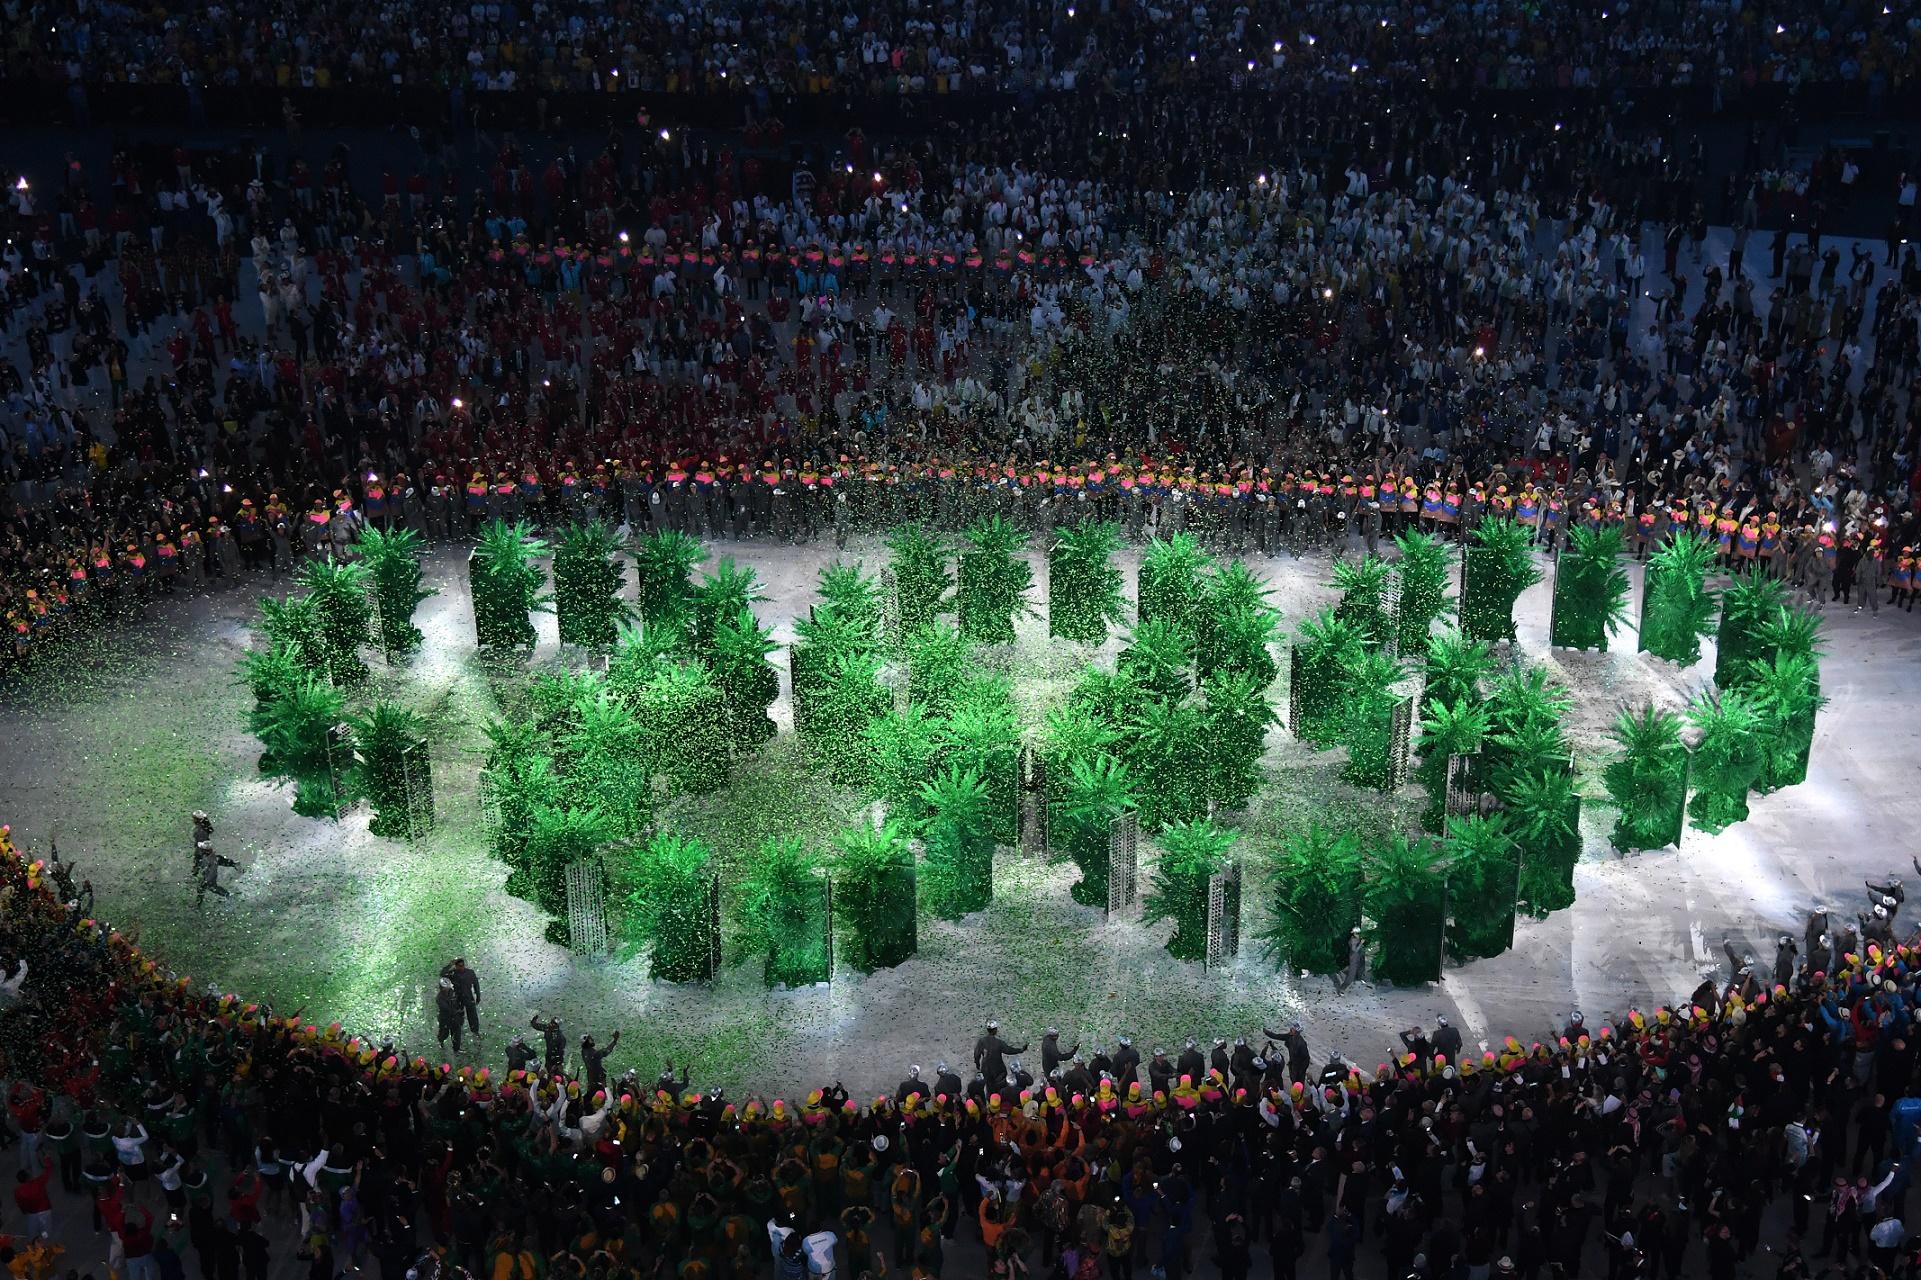 Anéis olímpicos formados por árvores, na festa de abertura: alerta para o aquecimento global